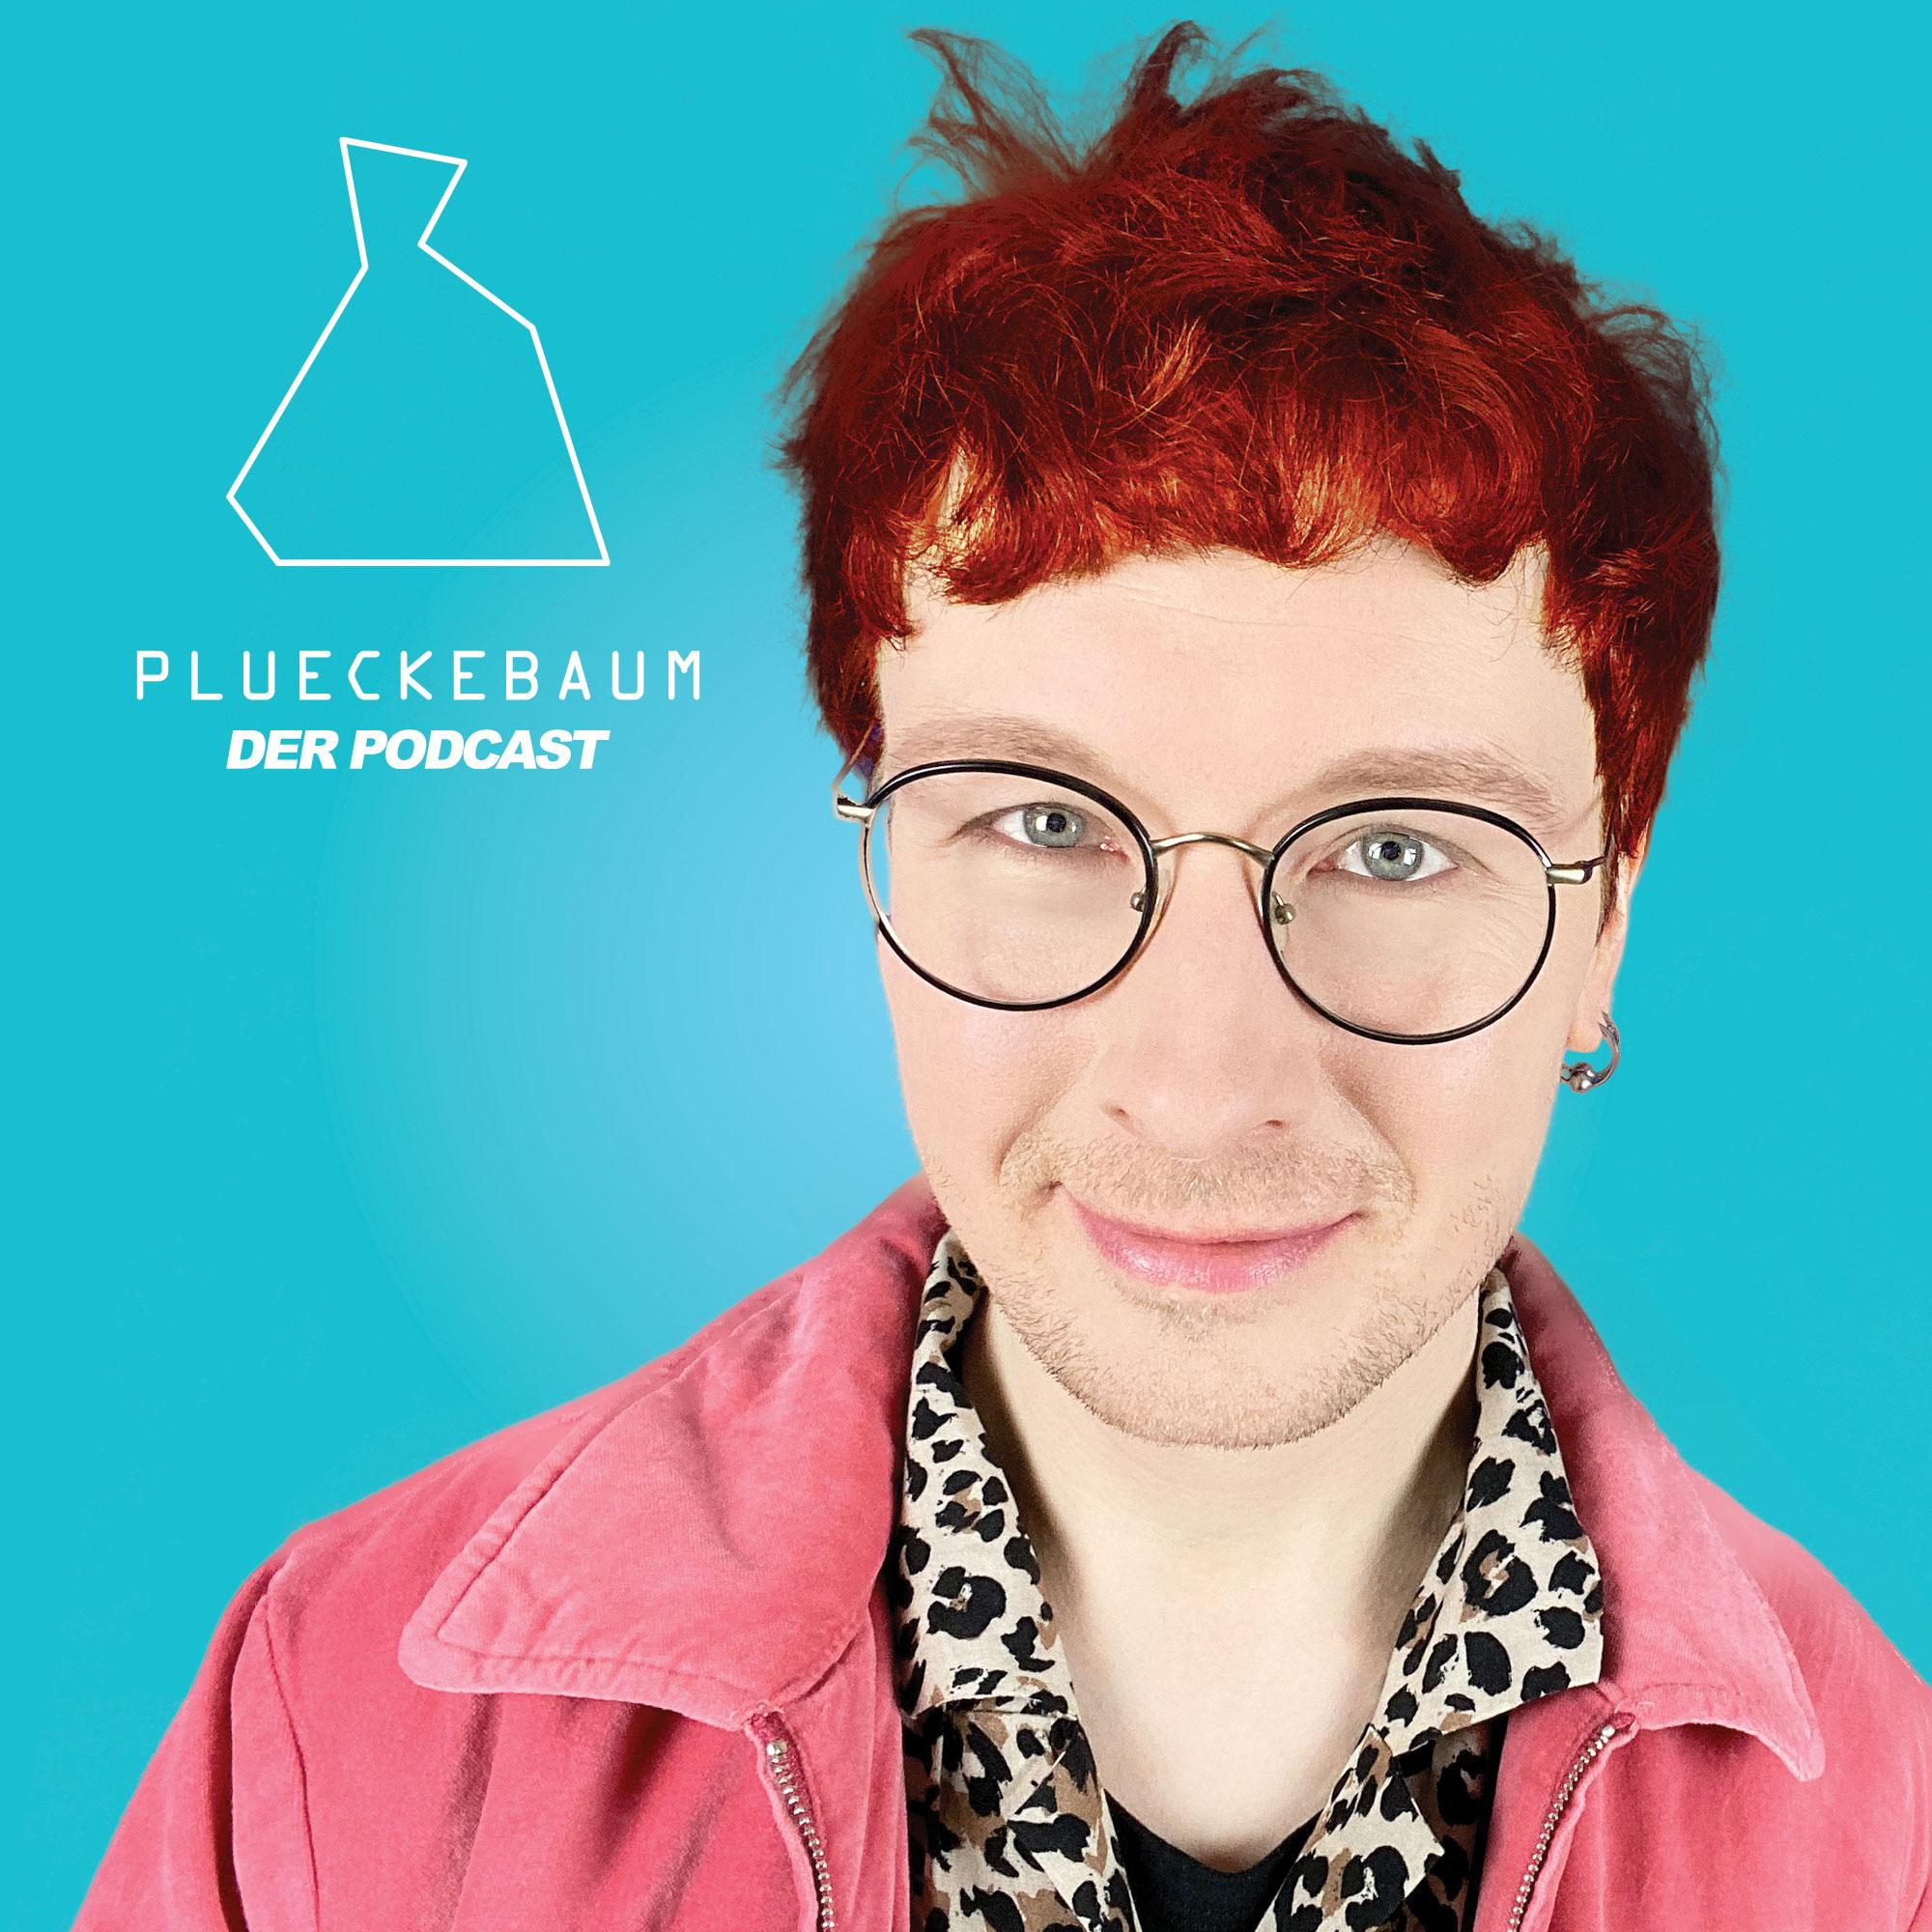 plueckebaum Image